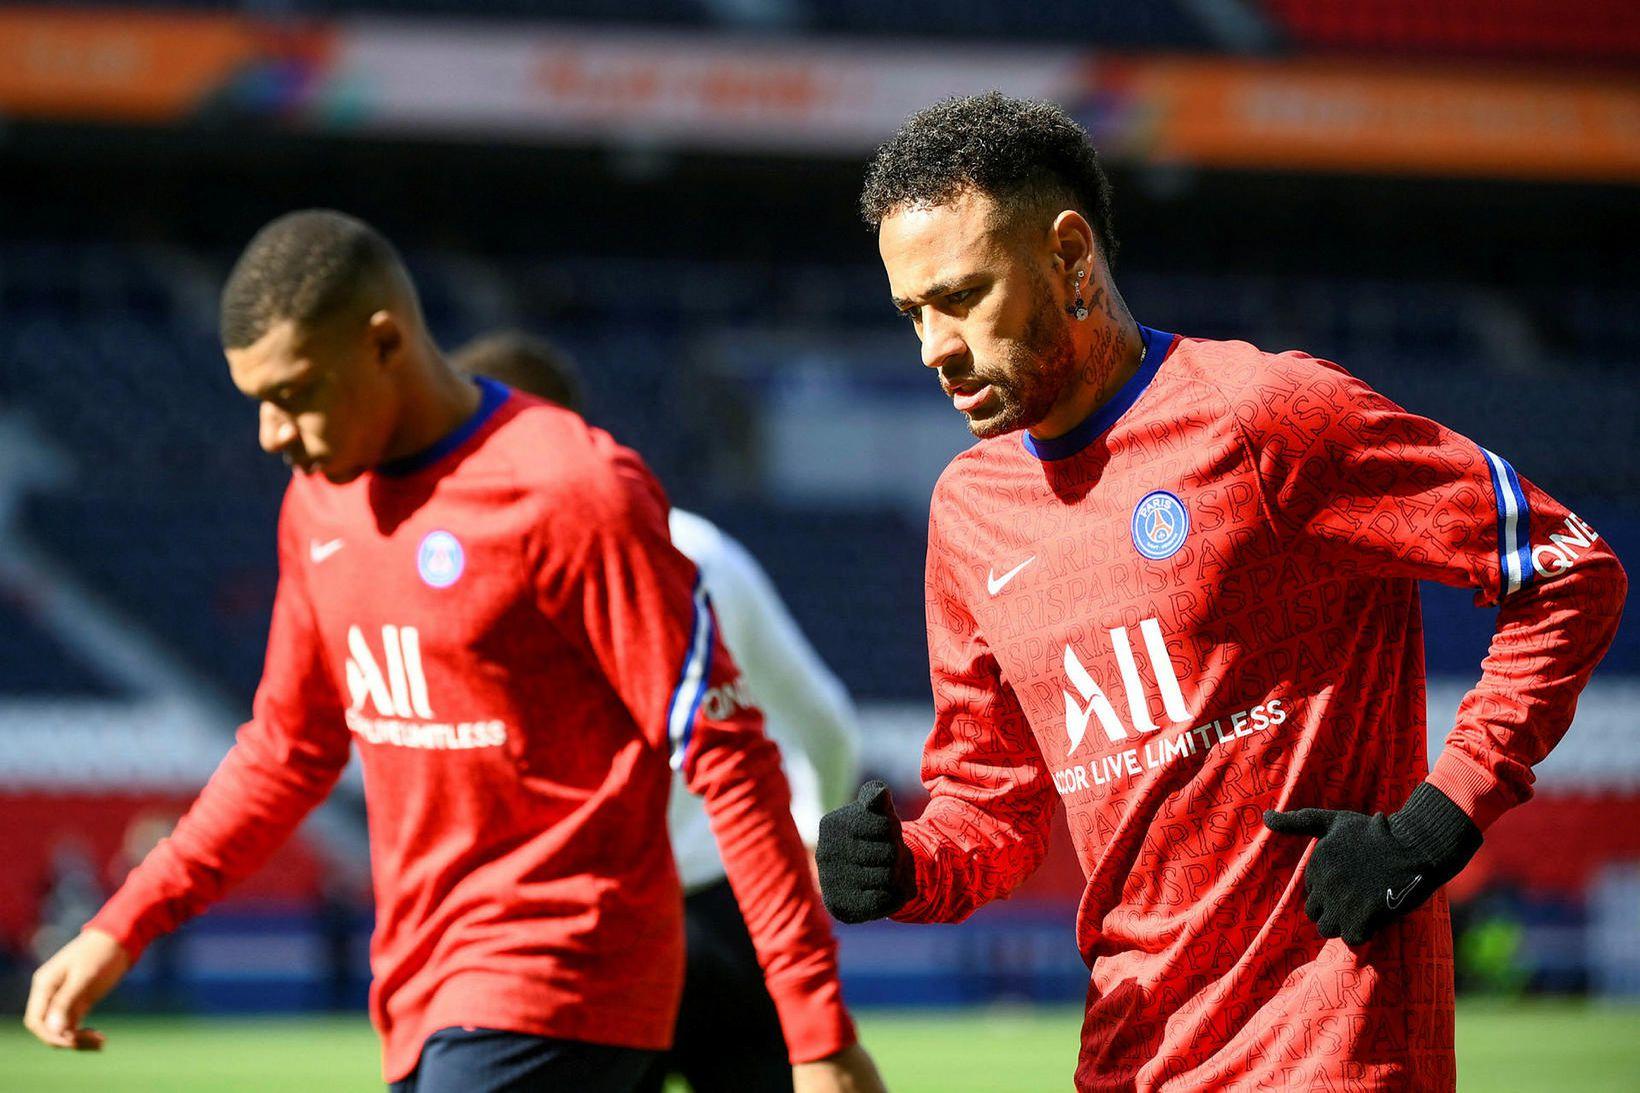 Kylian Mbappé og Neymar eru góðir félagar utan vallar.